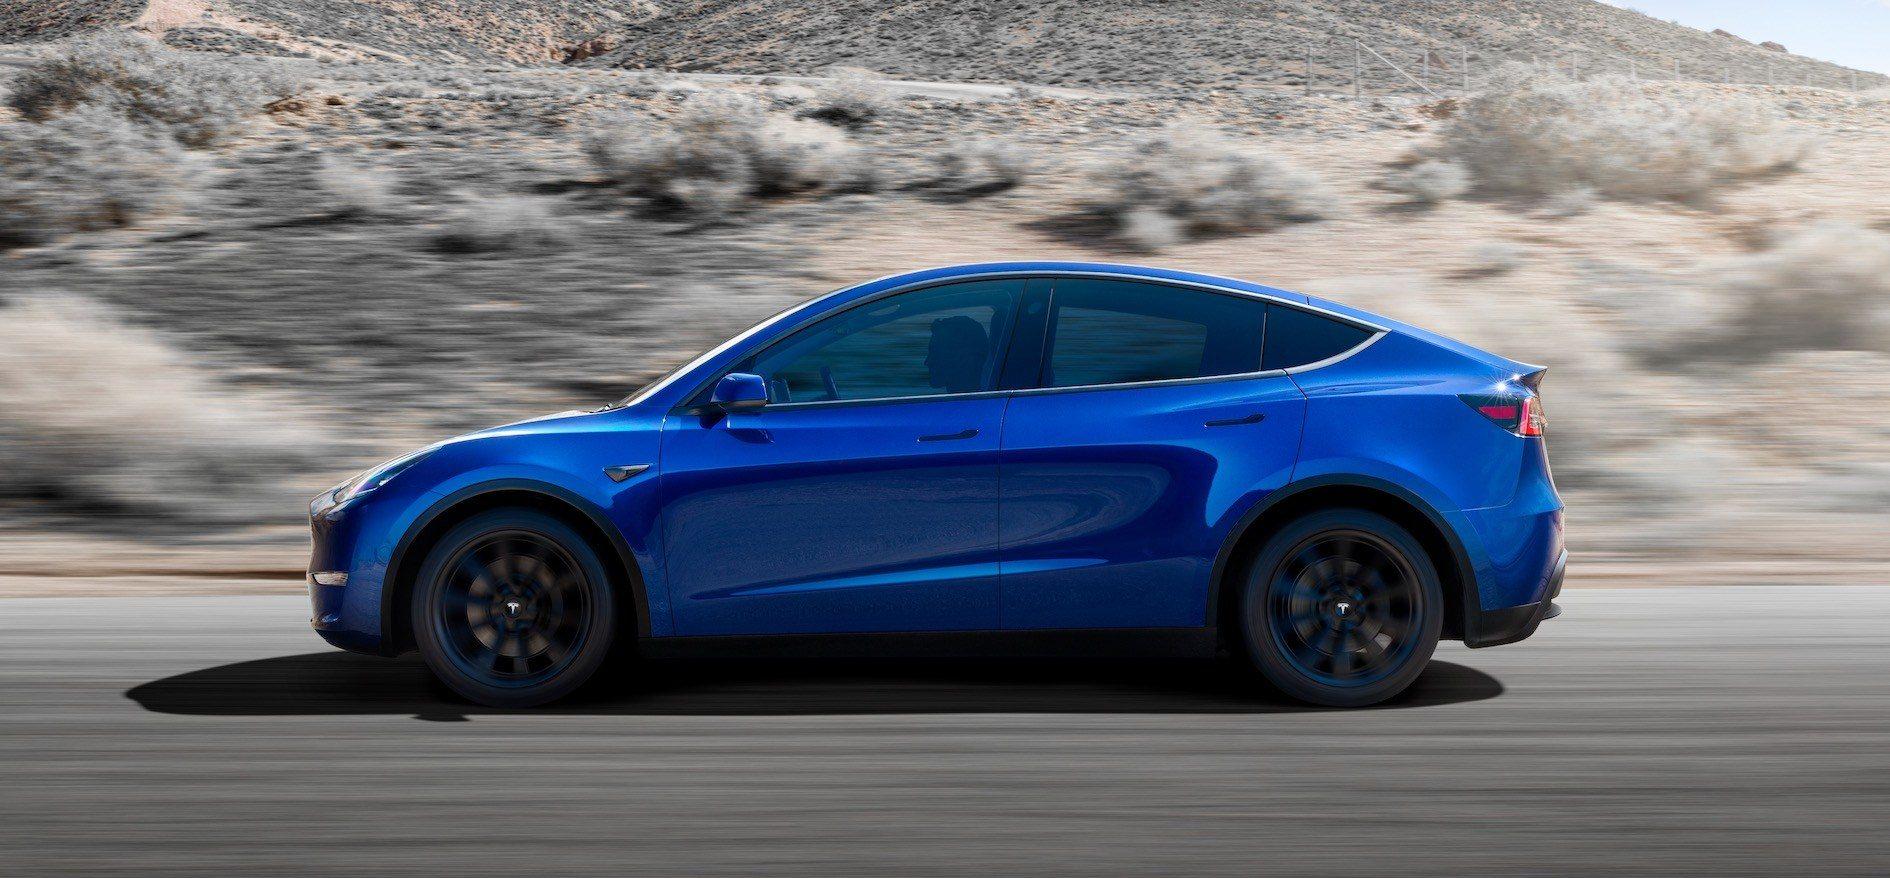 Η Tesla κυκλοφορεί μια ενημέρωση λογισμικού που αυξάνει την αυτονομία του Model Y.